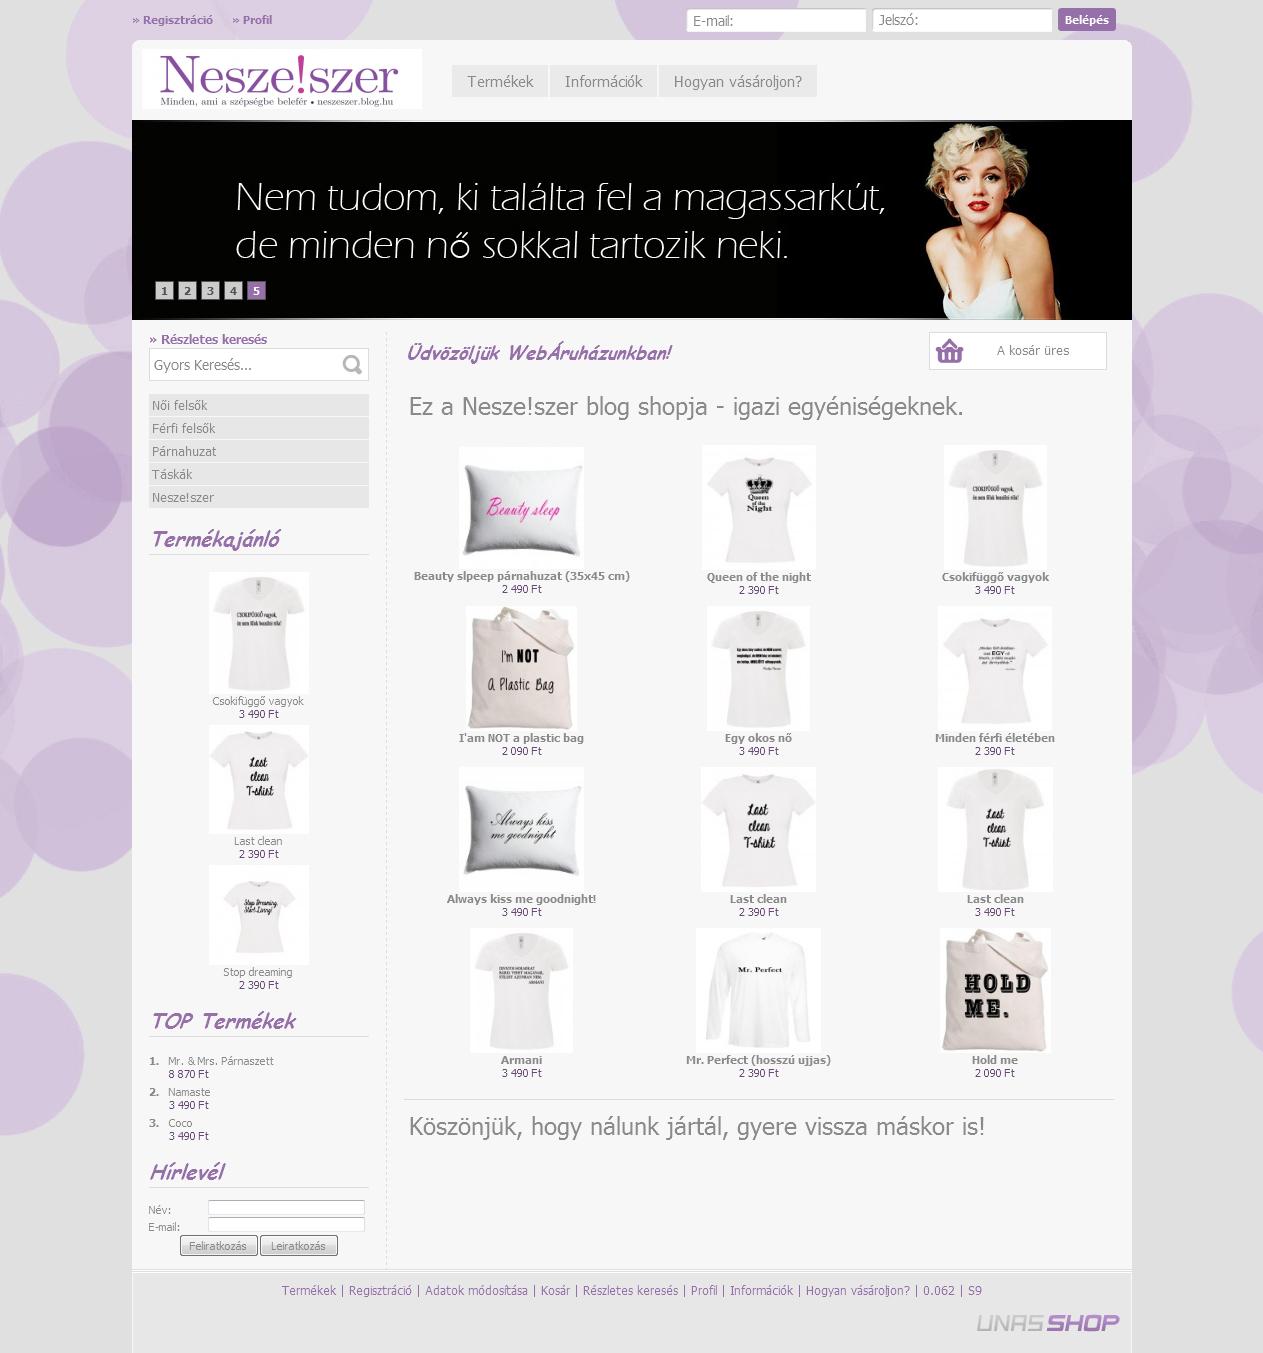 shop_printscreen03 másolata.jpg